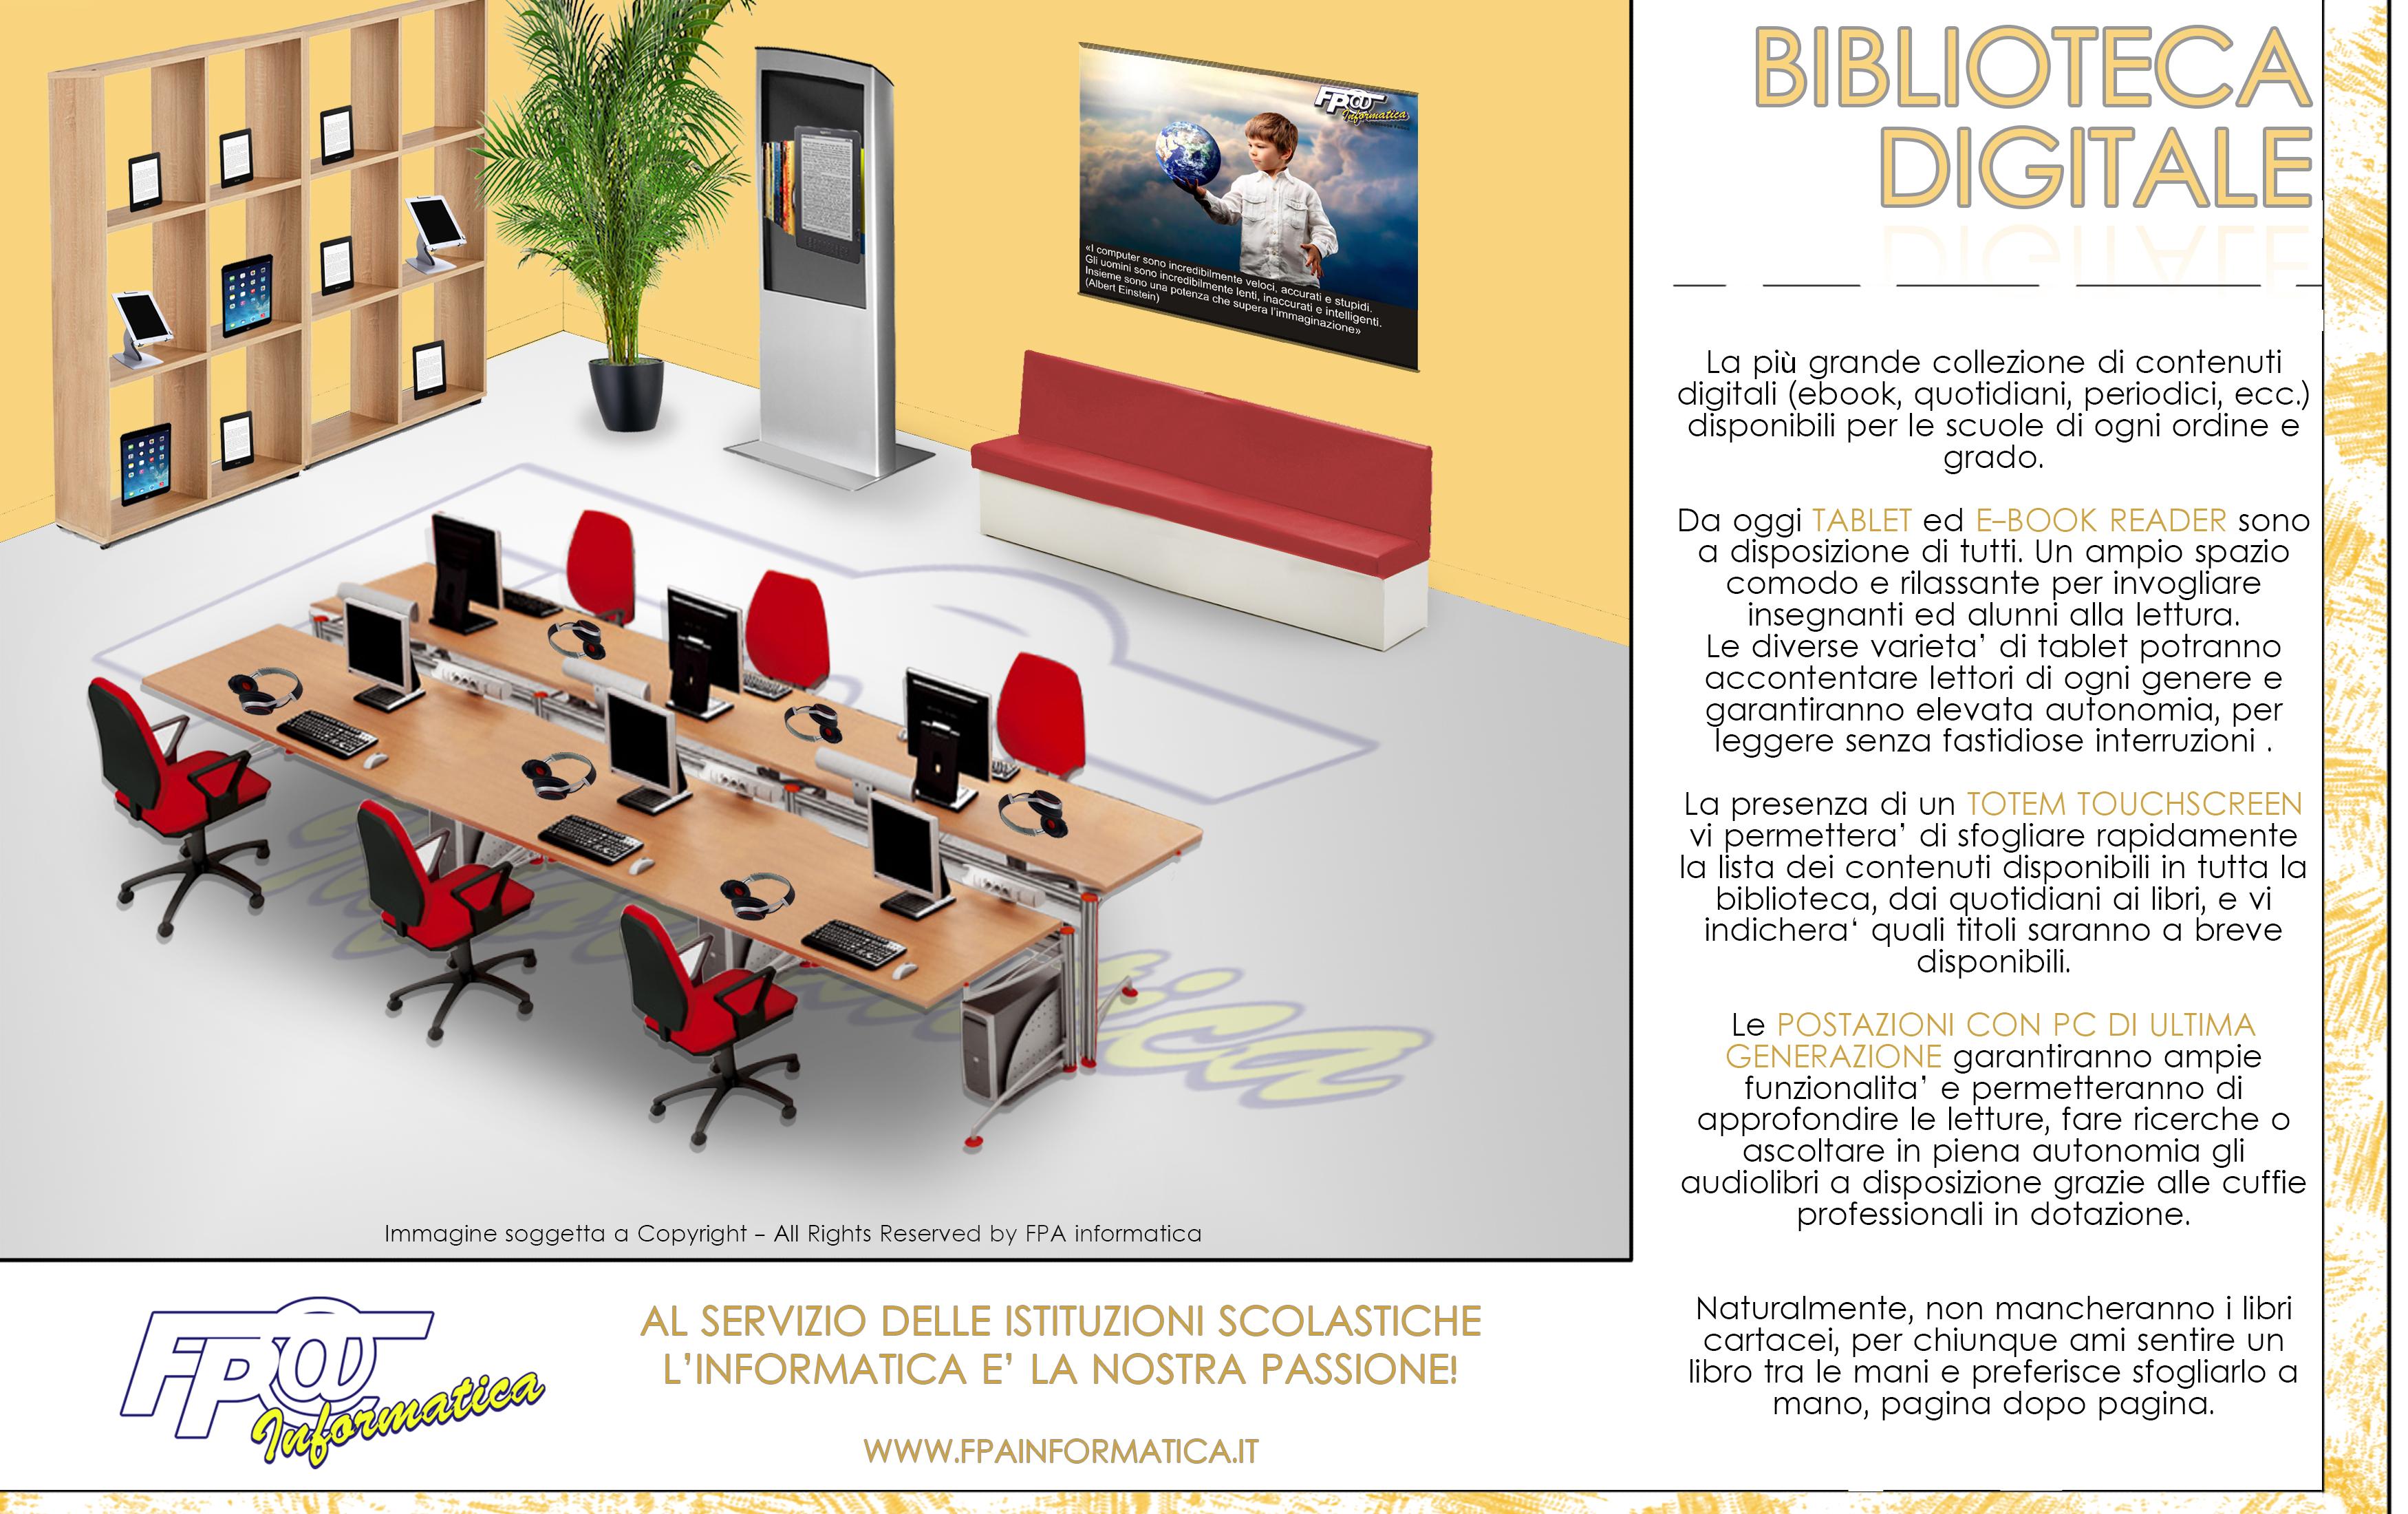 Fpa informatica srl for Arredi biblioteche